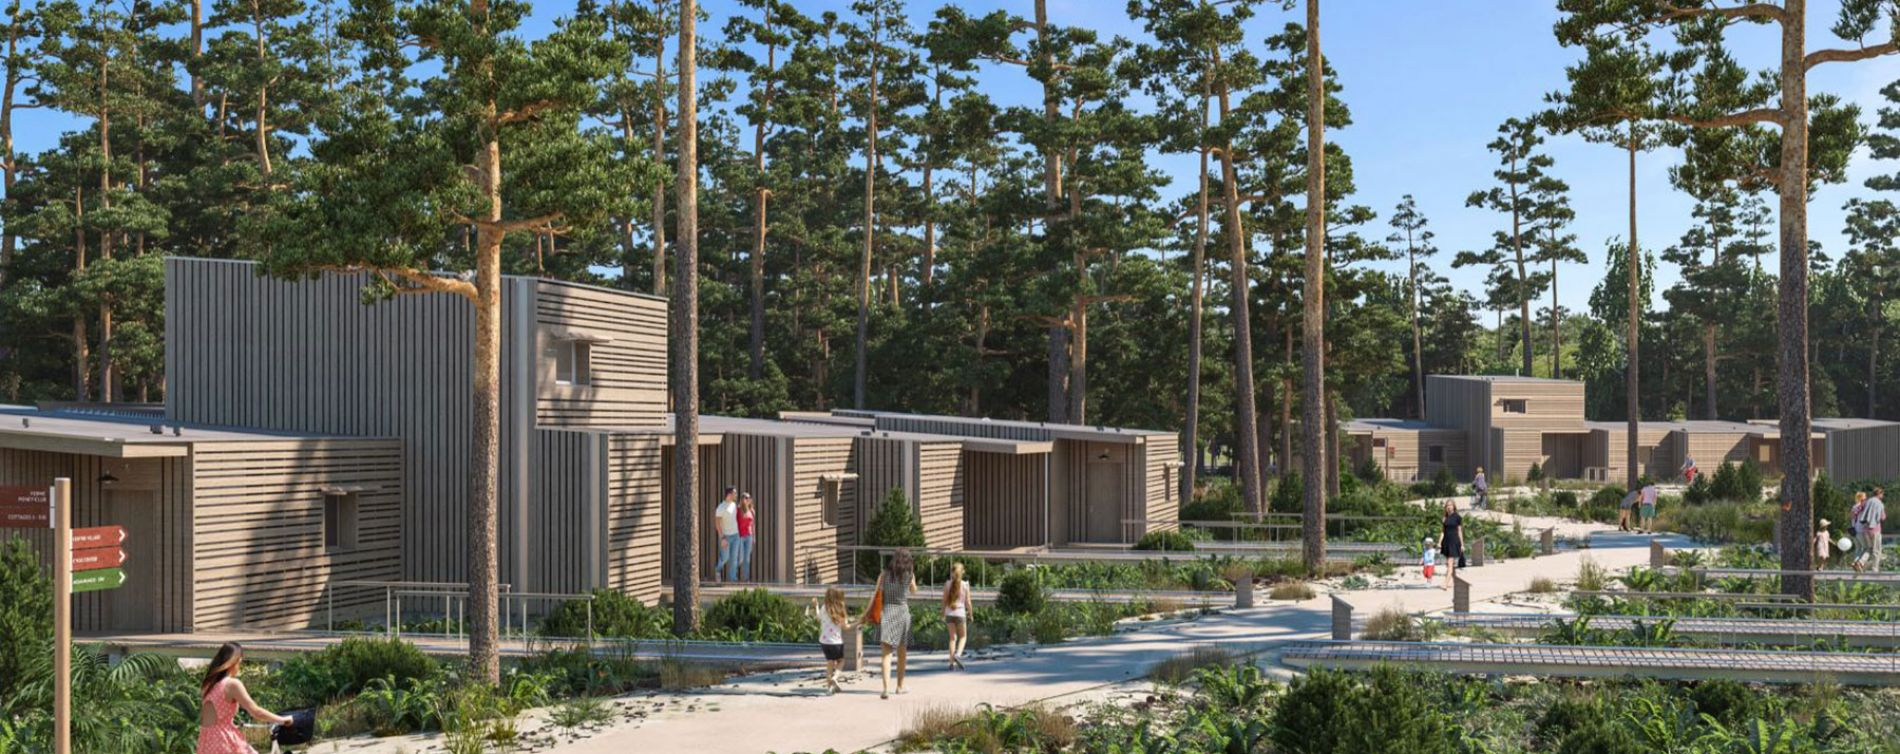 Beauziac : programme immobilier neuve « Center Parcs Landes de Gascogne » (3)